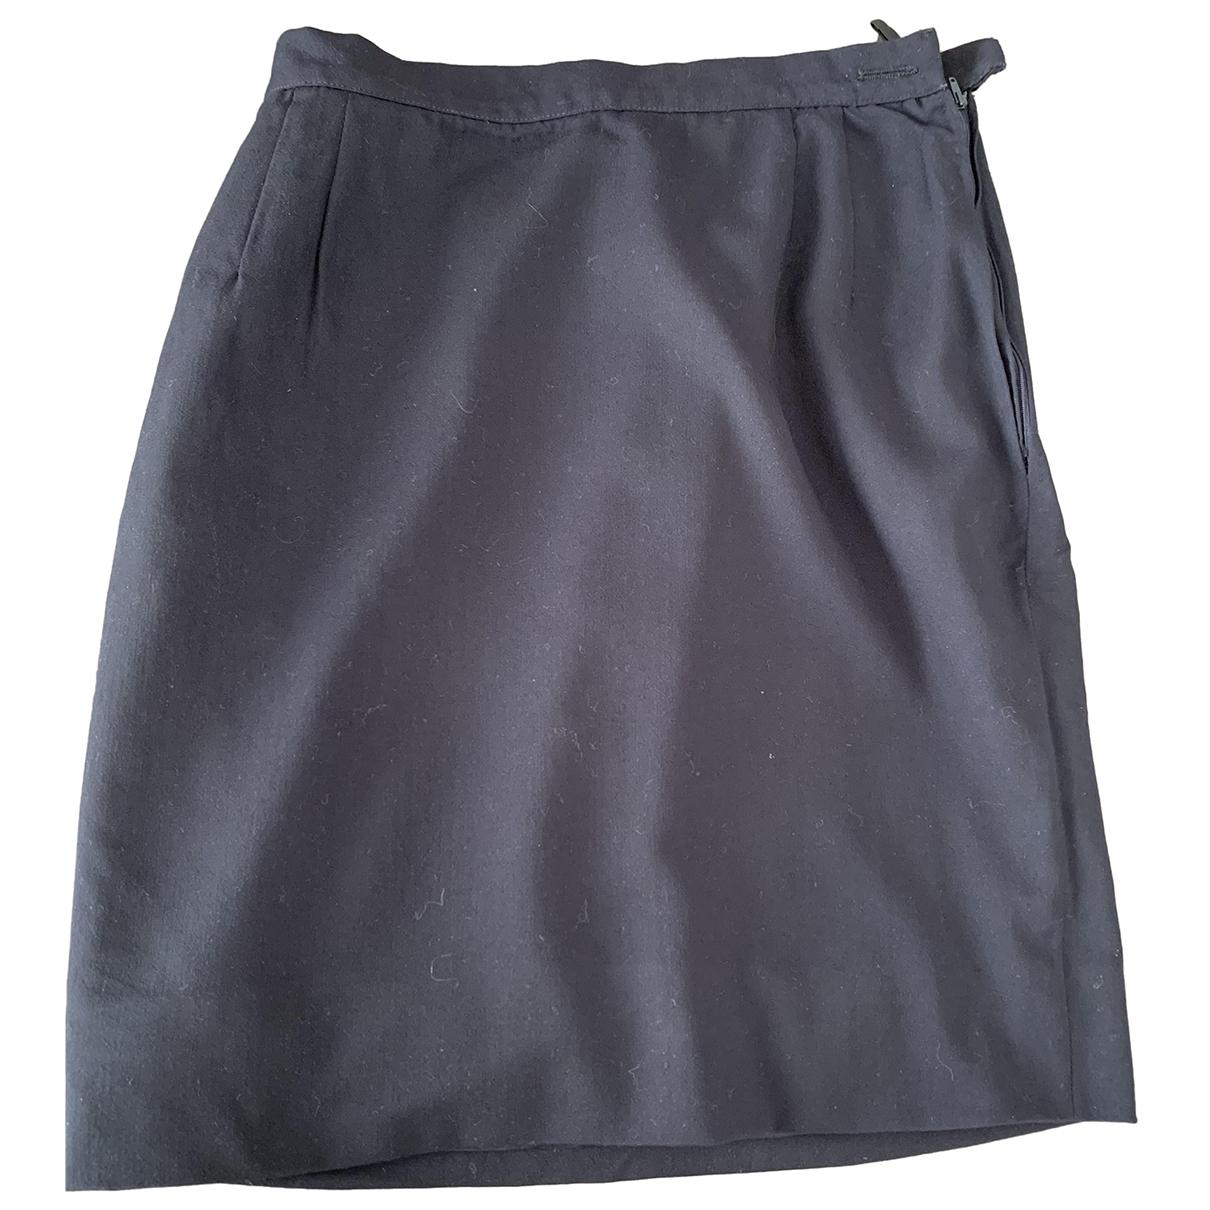 Valentino Garavani \N Blue Wool skirt for Women 36 FR